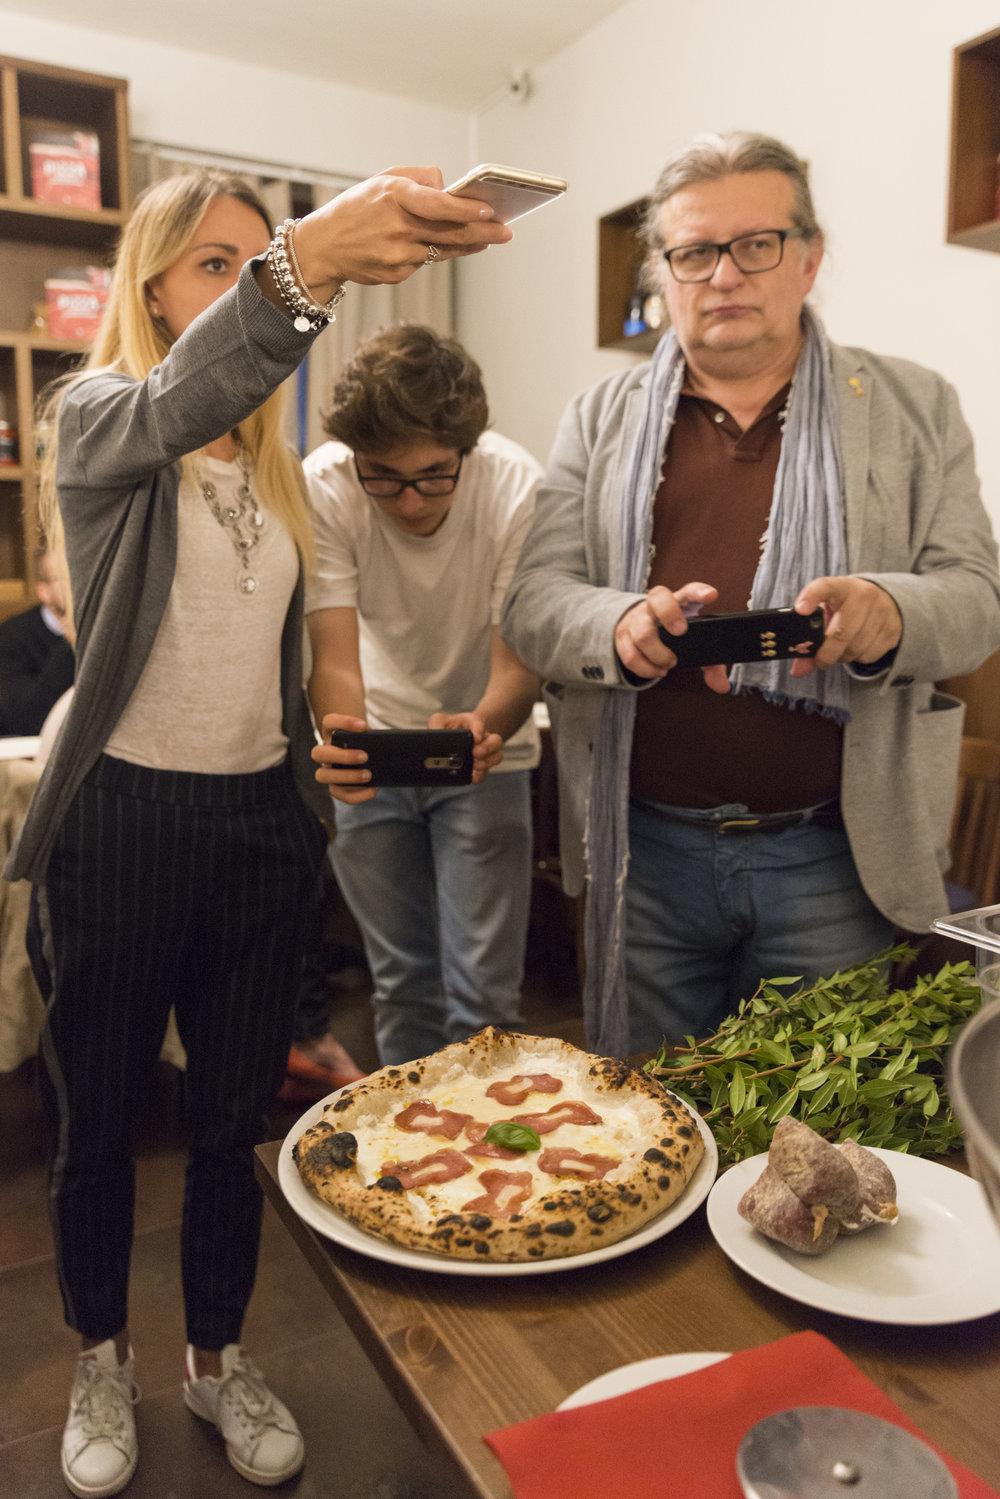 Margherita Daverio (Cannella e Confetti), Matteo Collotti (Cornicione.it), Emanuele Bonati (Scatti di Gusto), Foto Masiar Pasquali